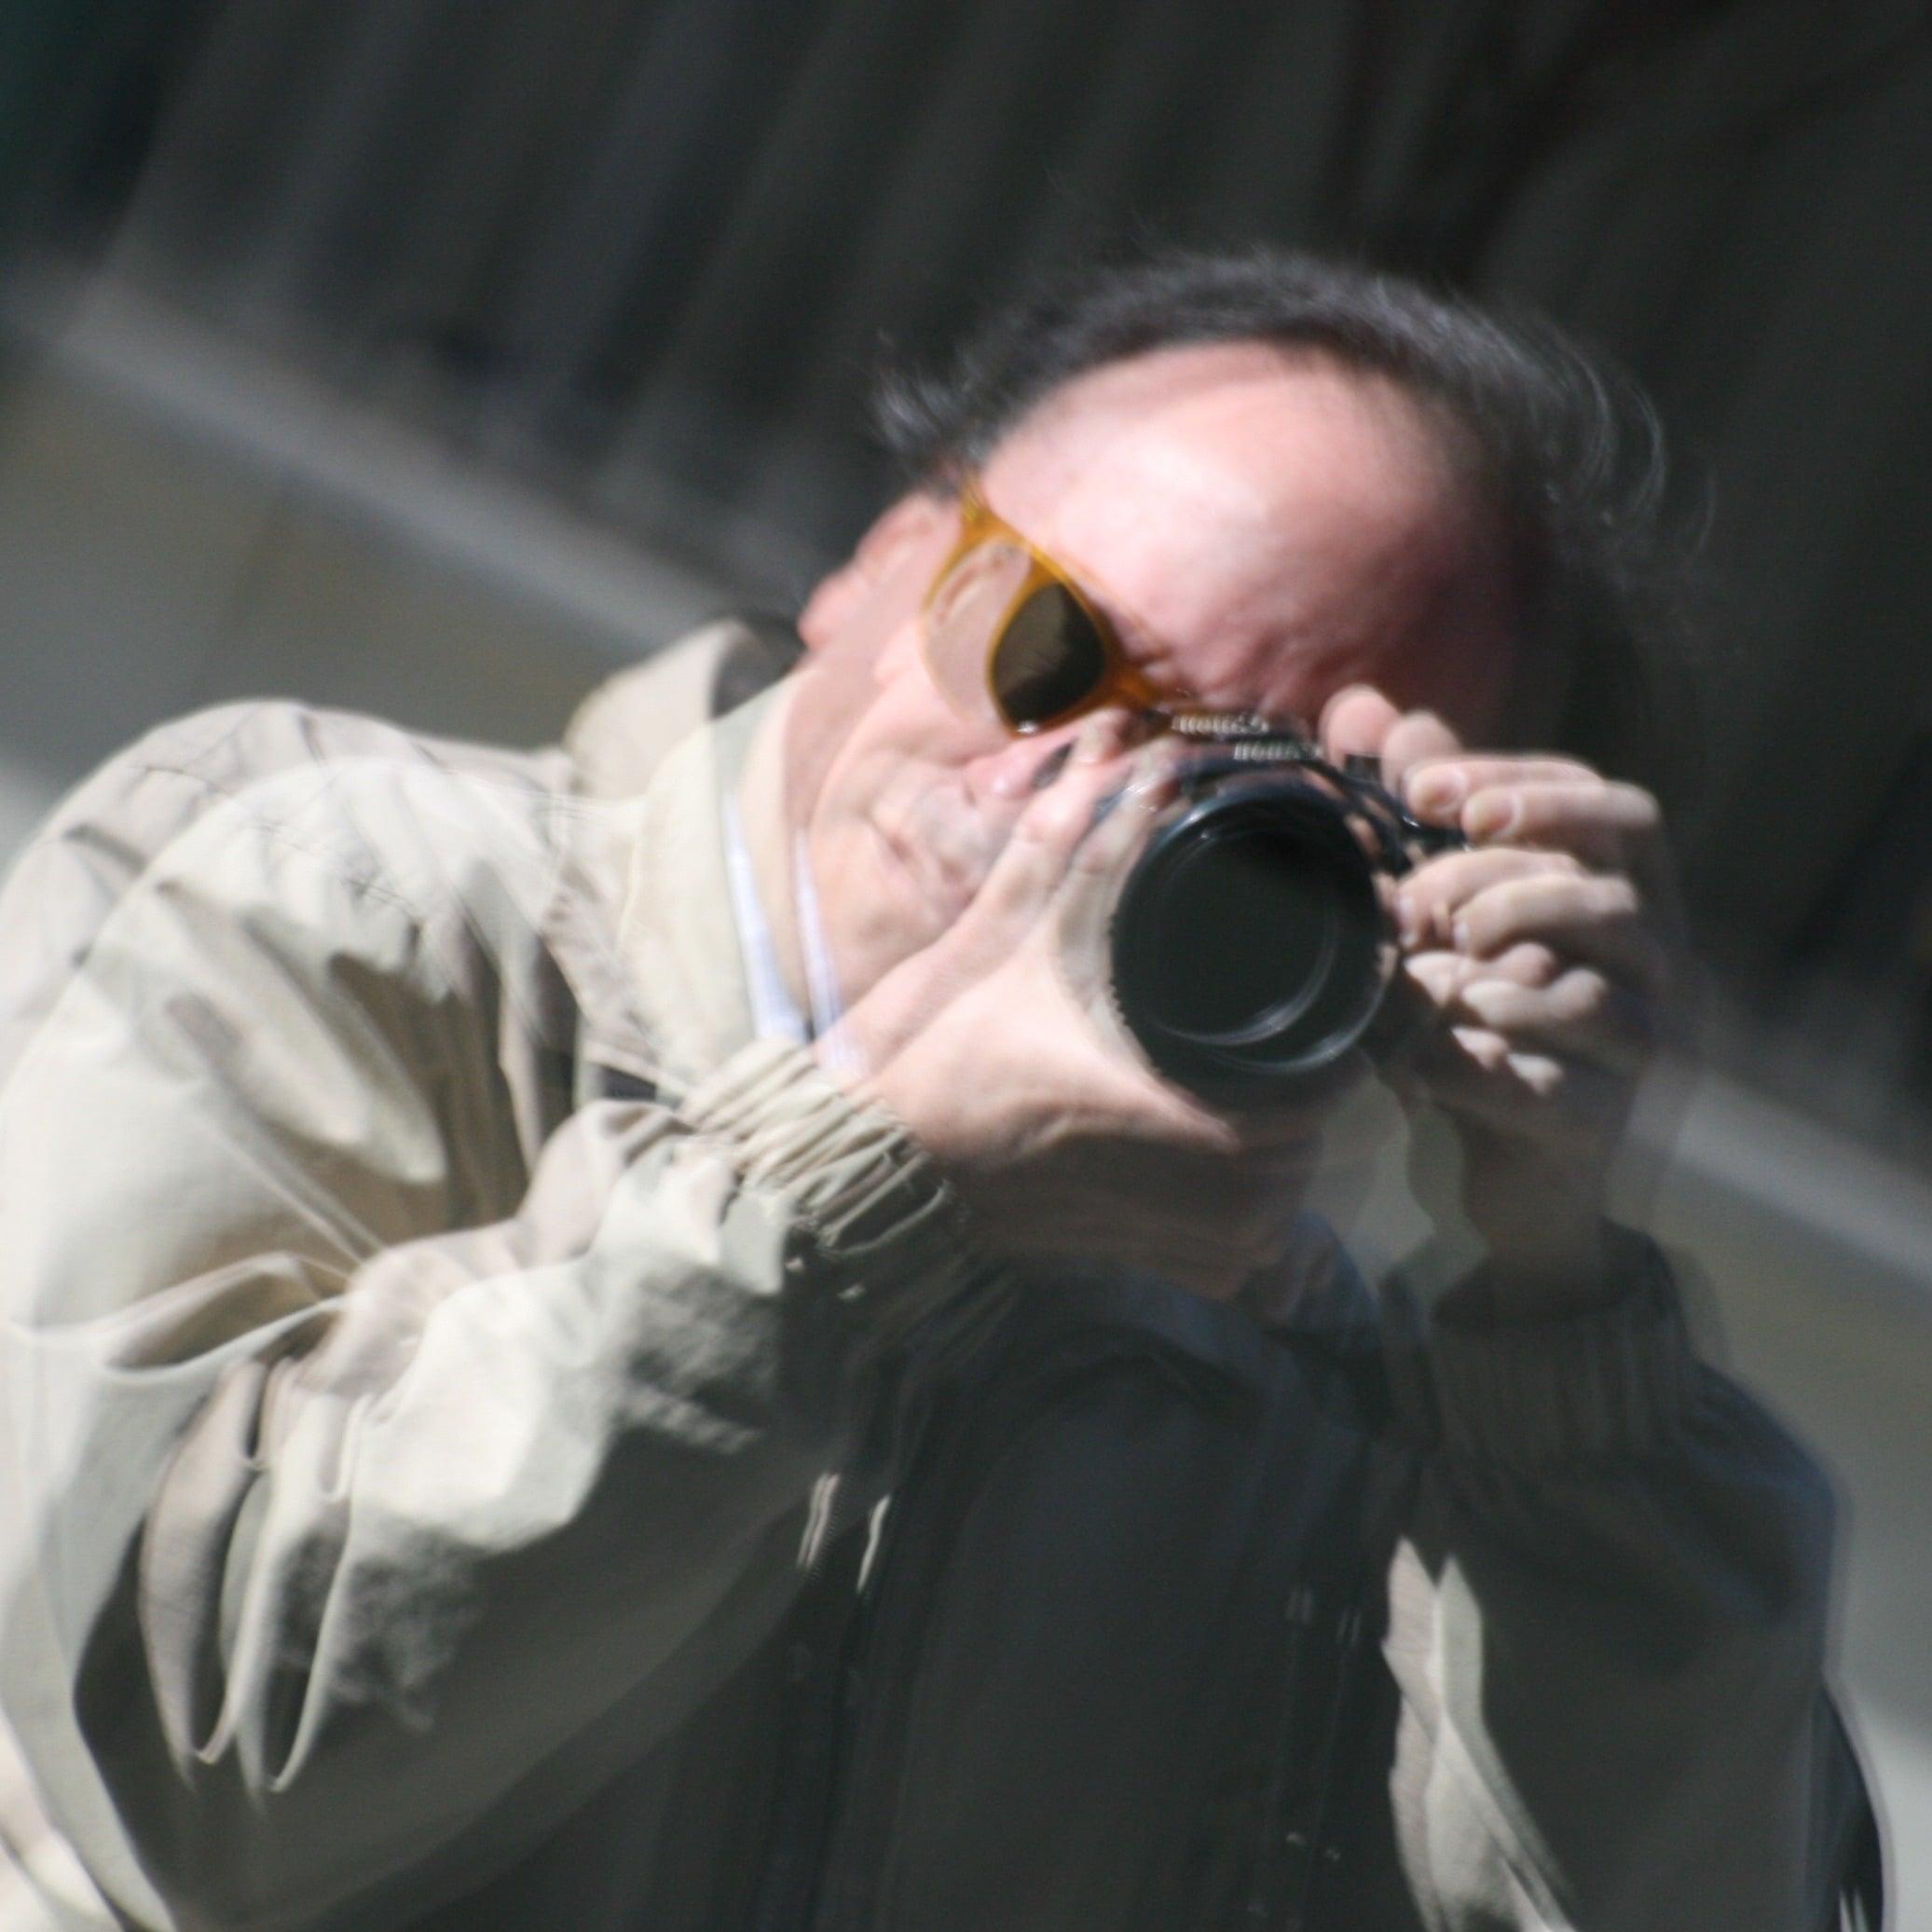 Offerte Lavoro Fotografo Bergamo i migliori 40 videomaker a bergamo (con preventivi gratuiti)